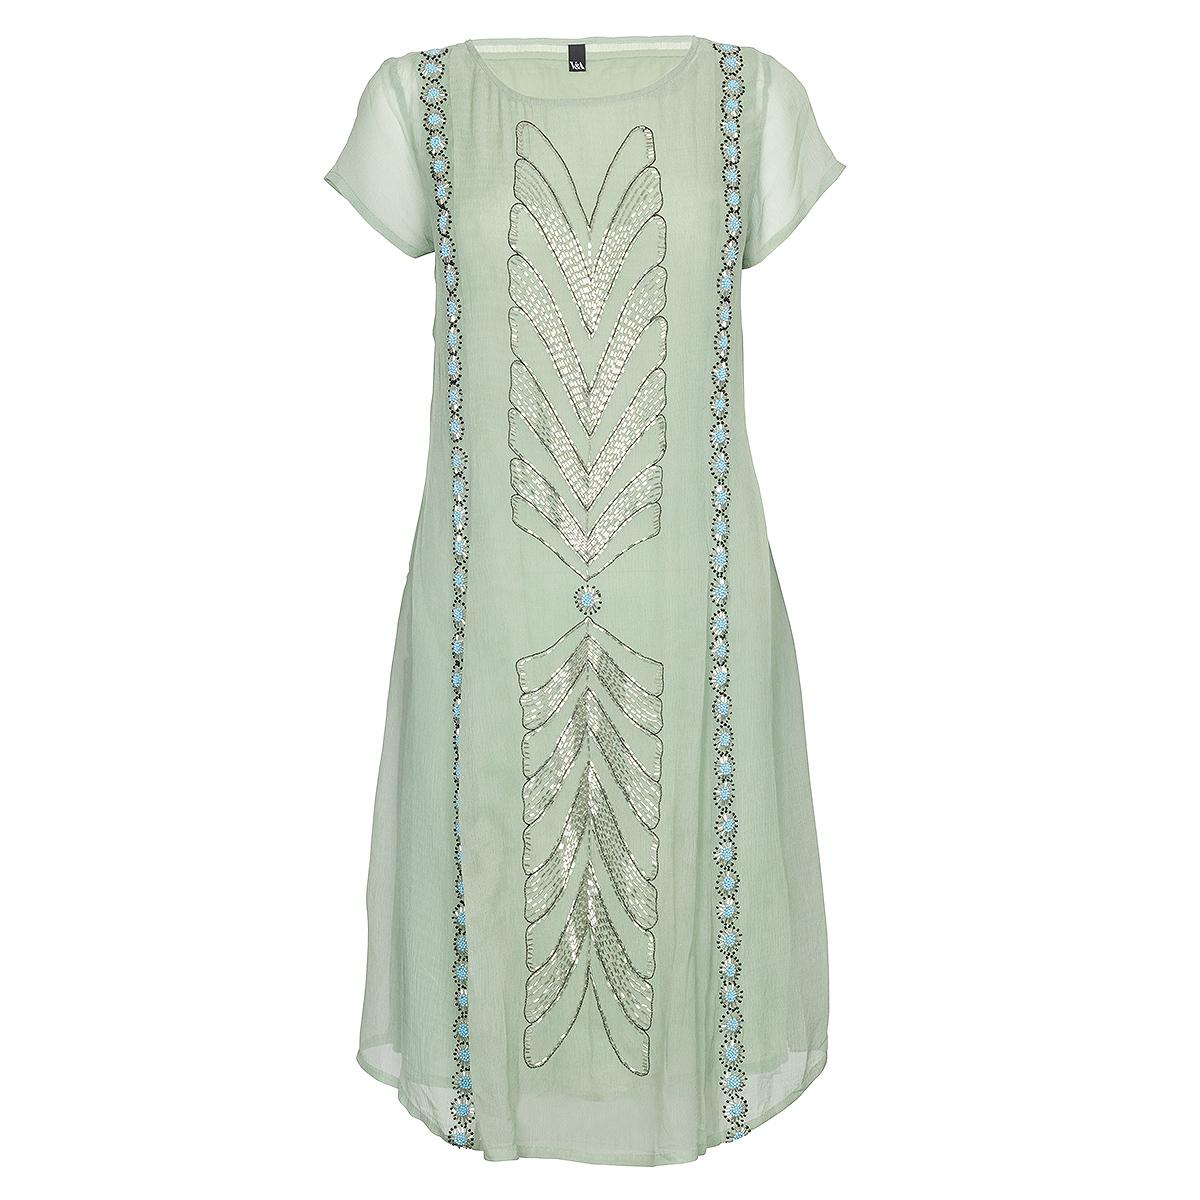 V&A Art Deco dress